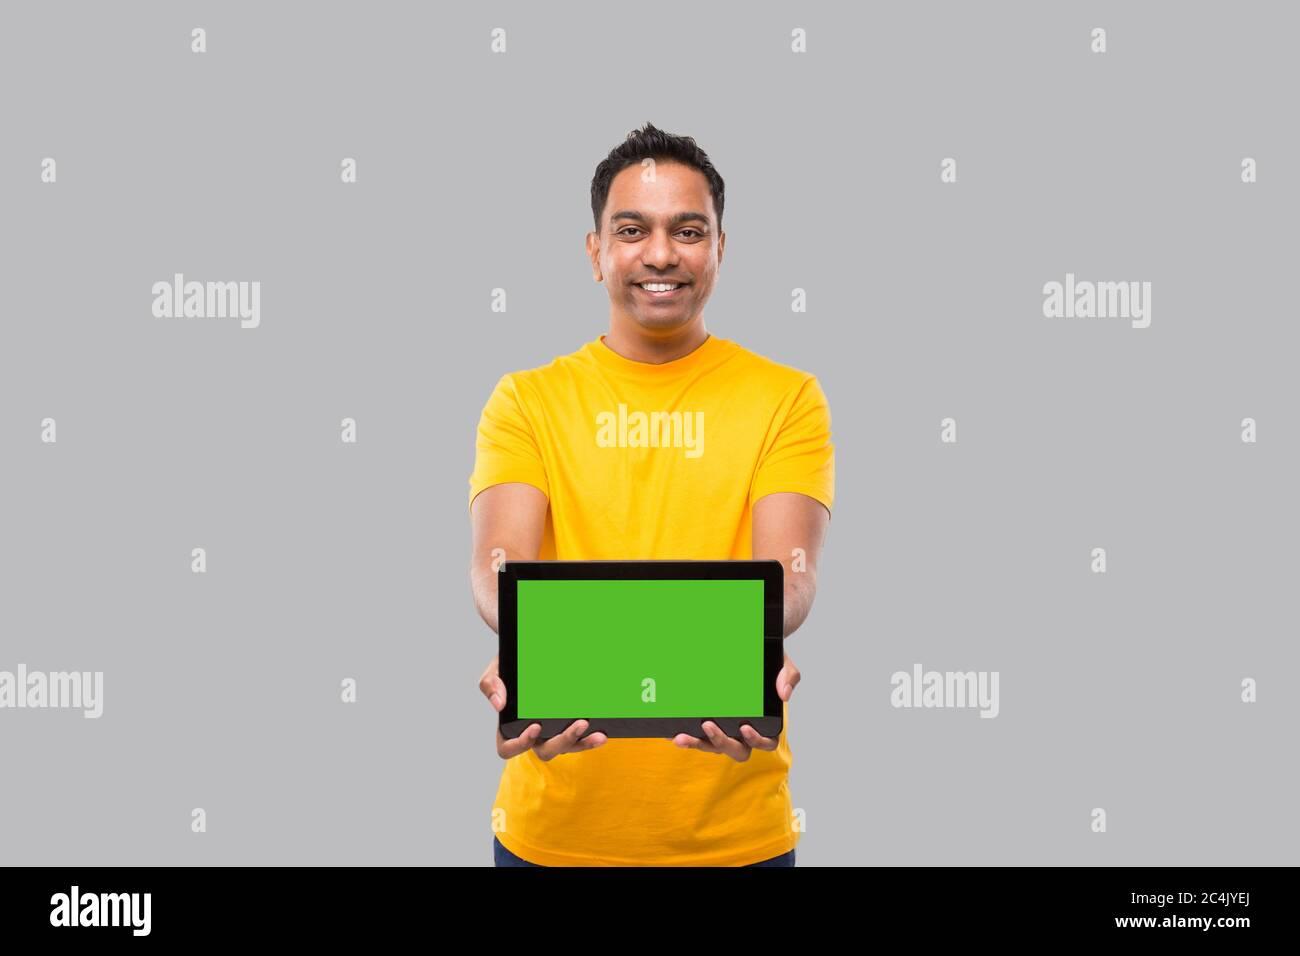 Tablette Indian Man. Garçon indien avec tablette dans les mains